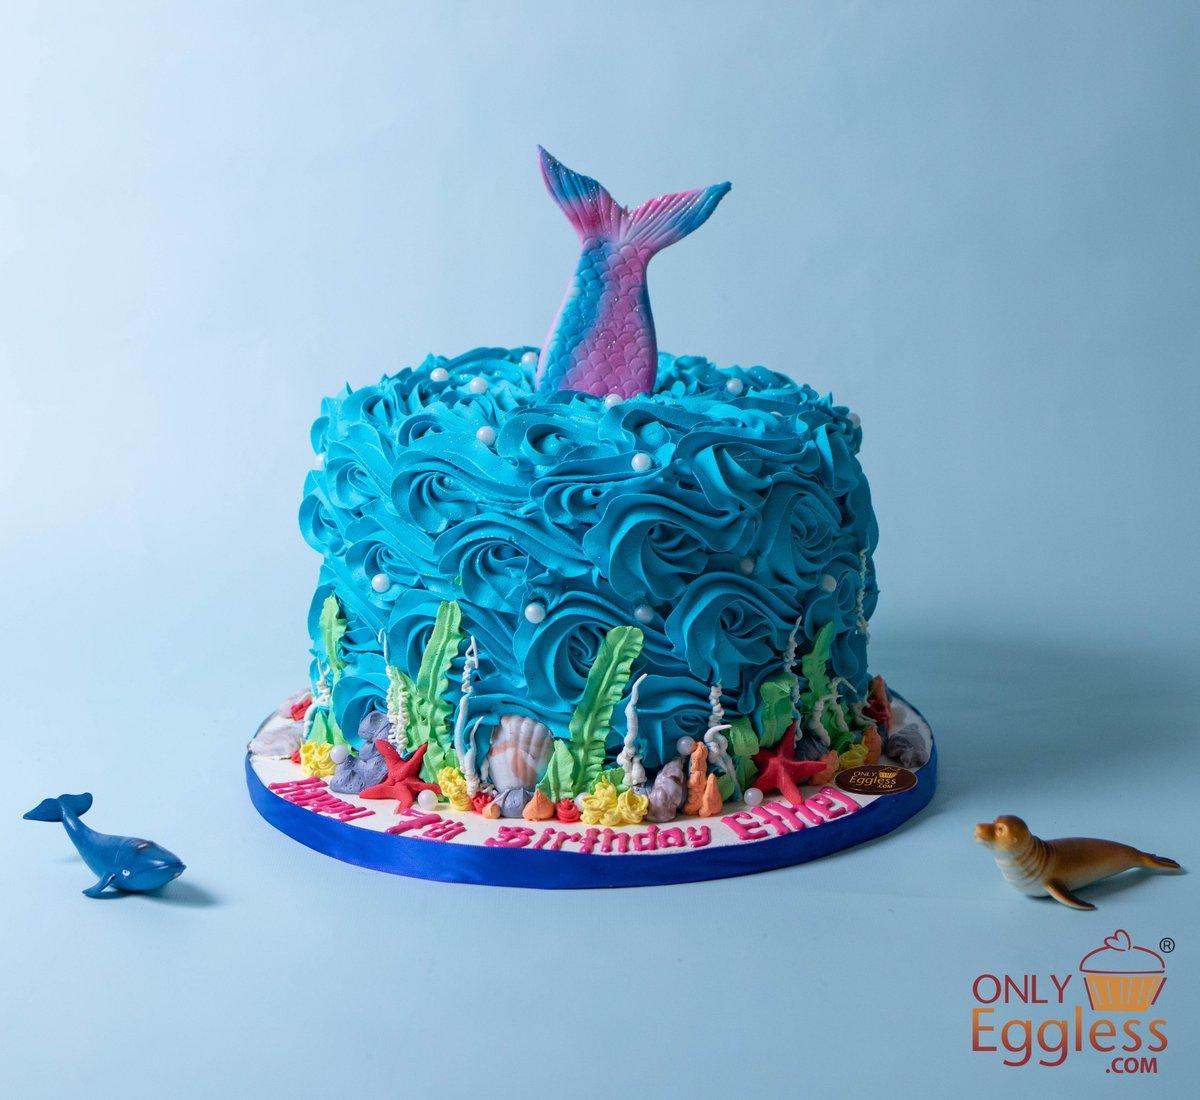 Tinas original cake instagram